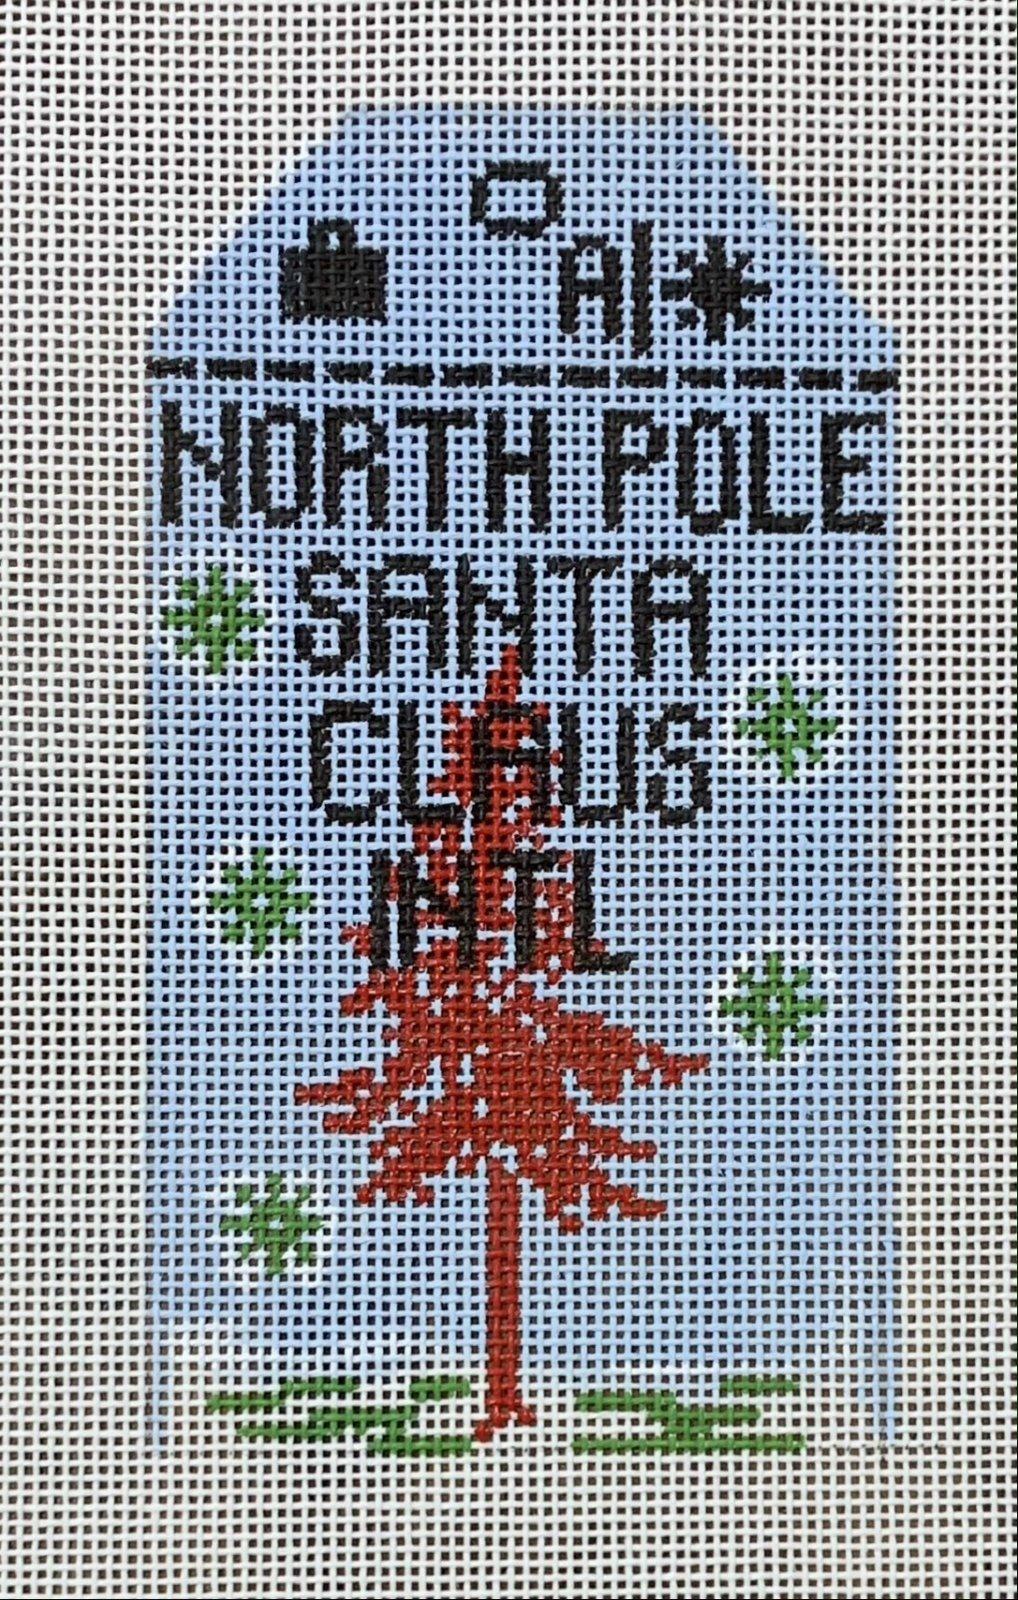 Vintage Luggage Tag - North Pole